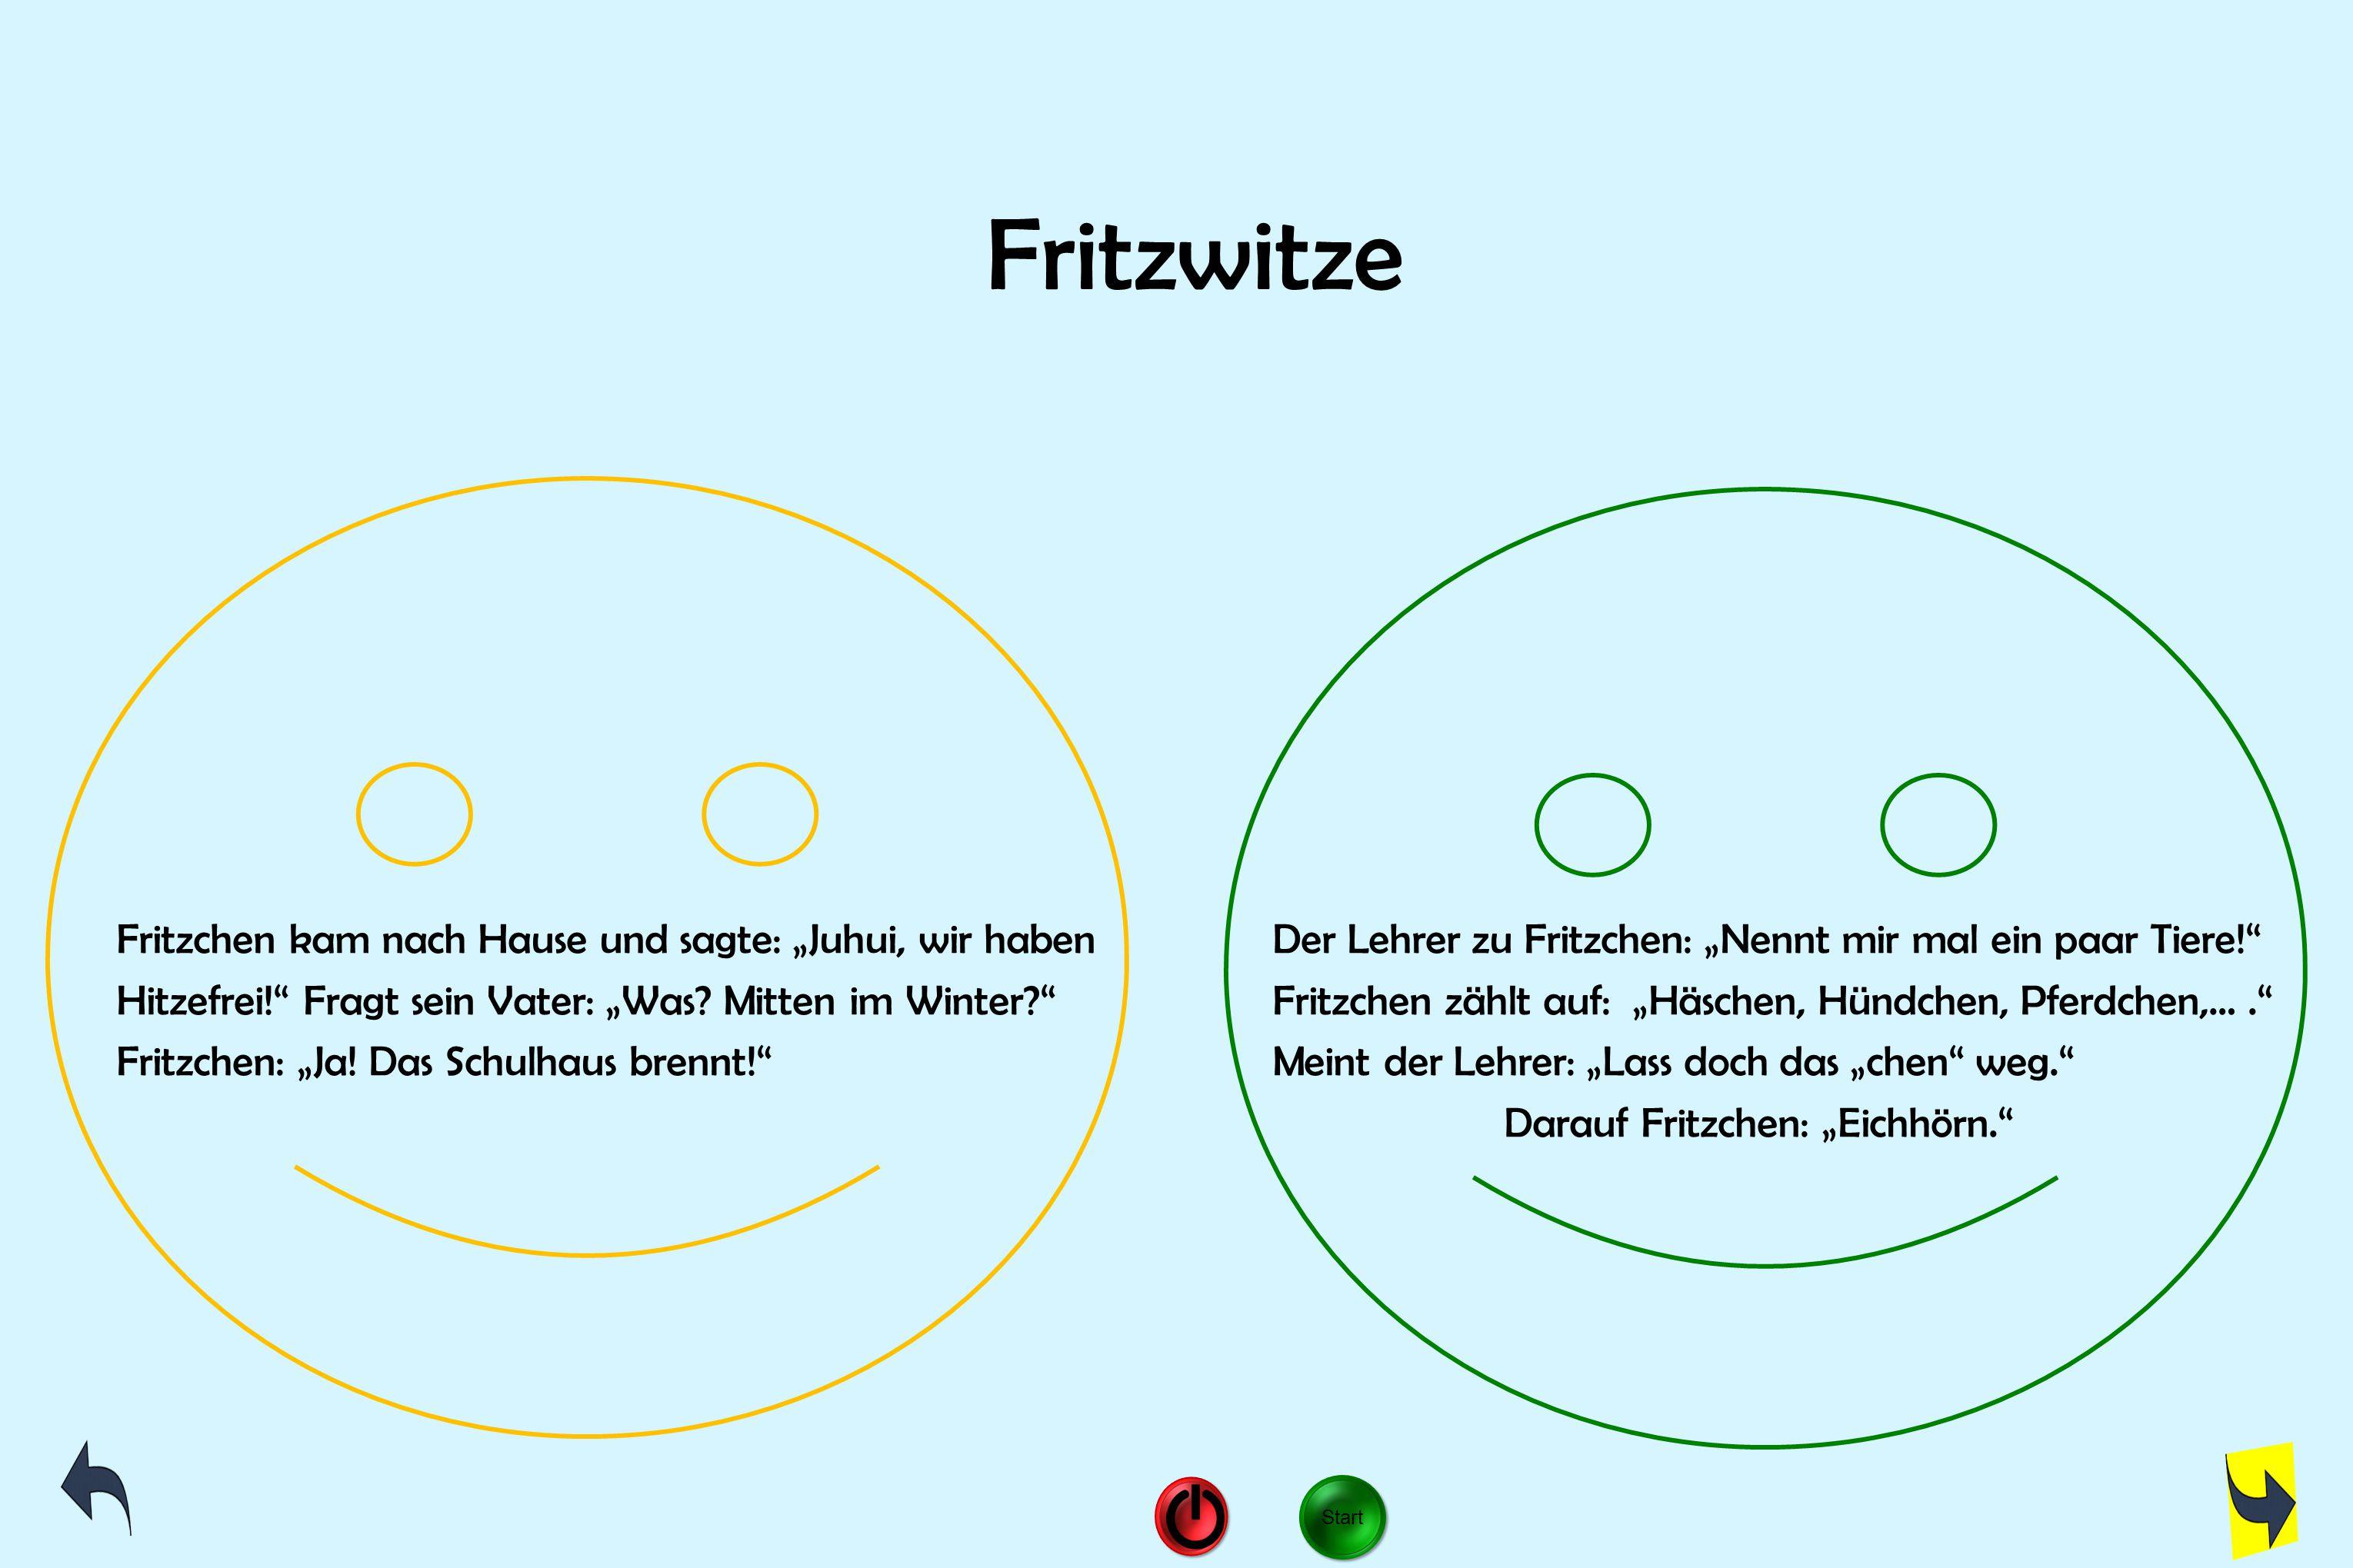 """Fritzchen kam nach Hause und sagte: """"Juhui, wir haben Der Lehrer zu Fritzchen: """"Nennt mir mal ein paar Tiere!"""" Hitzefrei!"""" Fragt sein Vater: """"Was? Mit"""